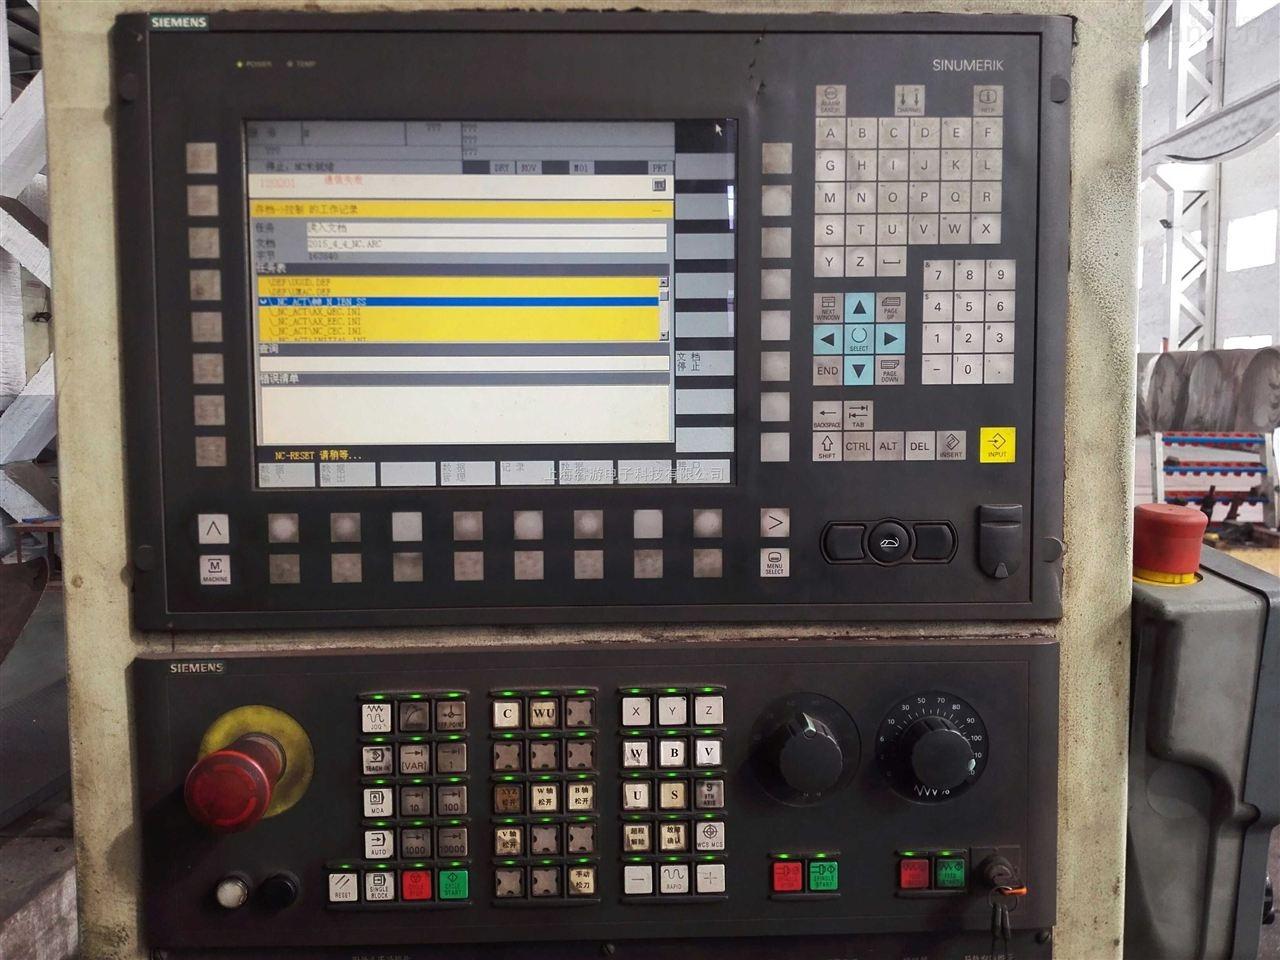 西门子840D系统报警300101维修-当天检测维修